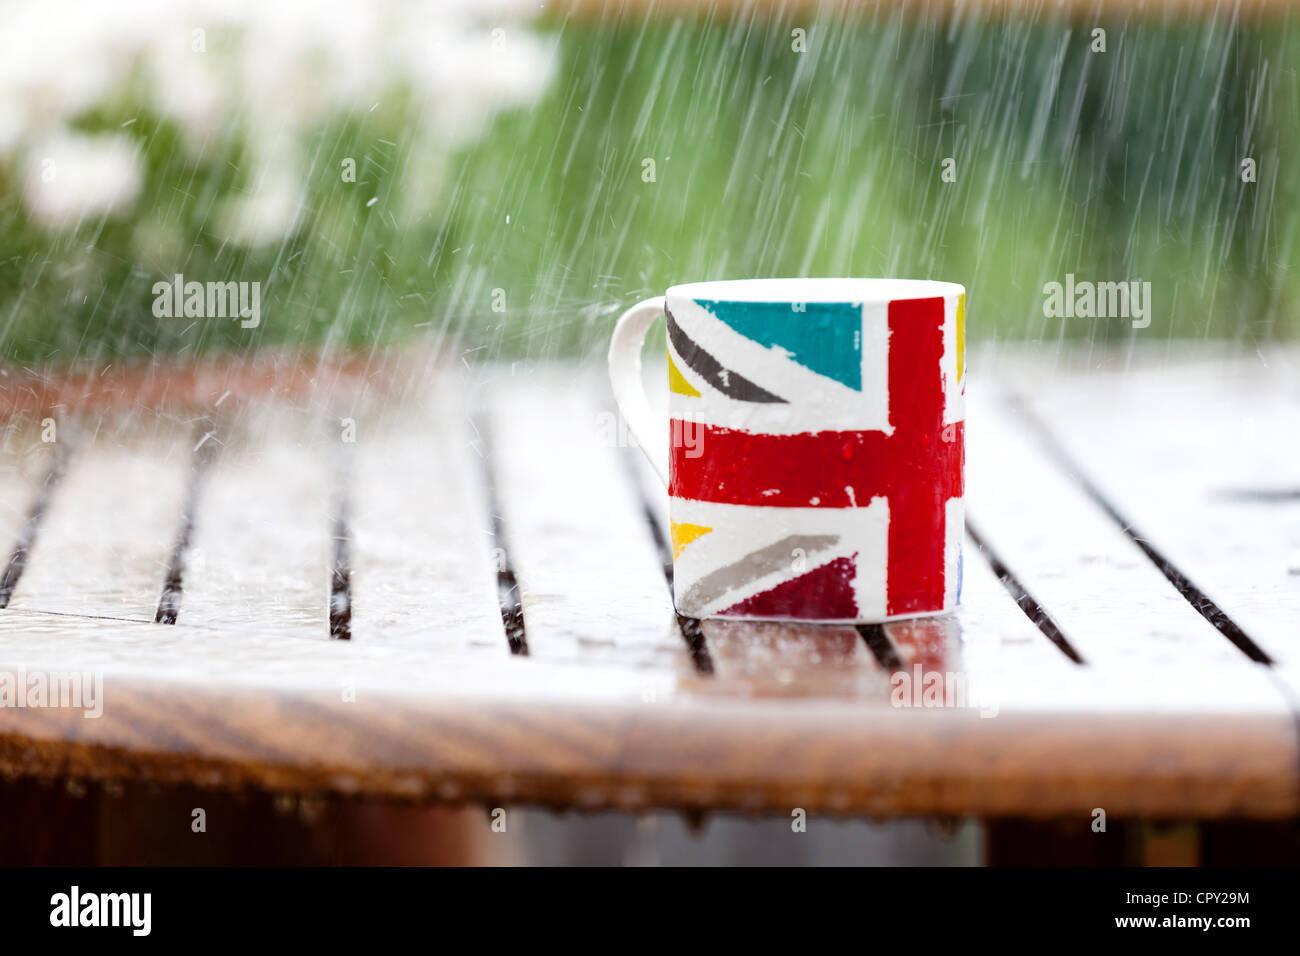 Una union jack marcada mug abandonado en una mesa fuera en una tormenta de lluvia. Imagen De Stock